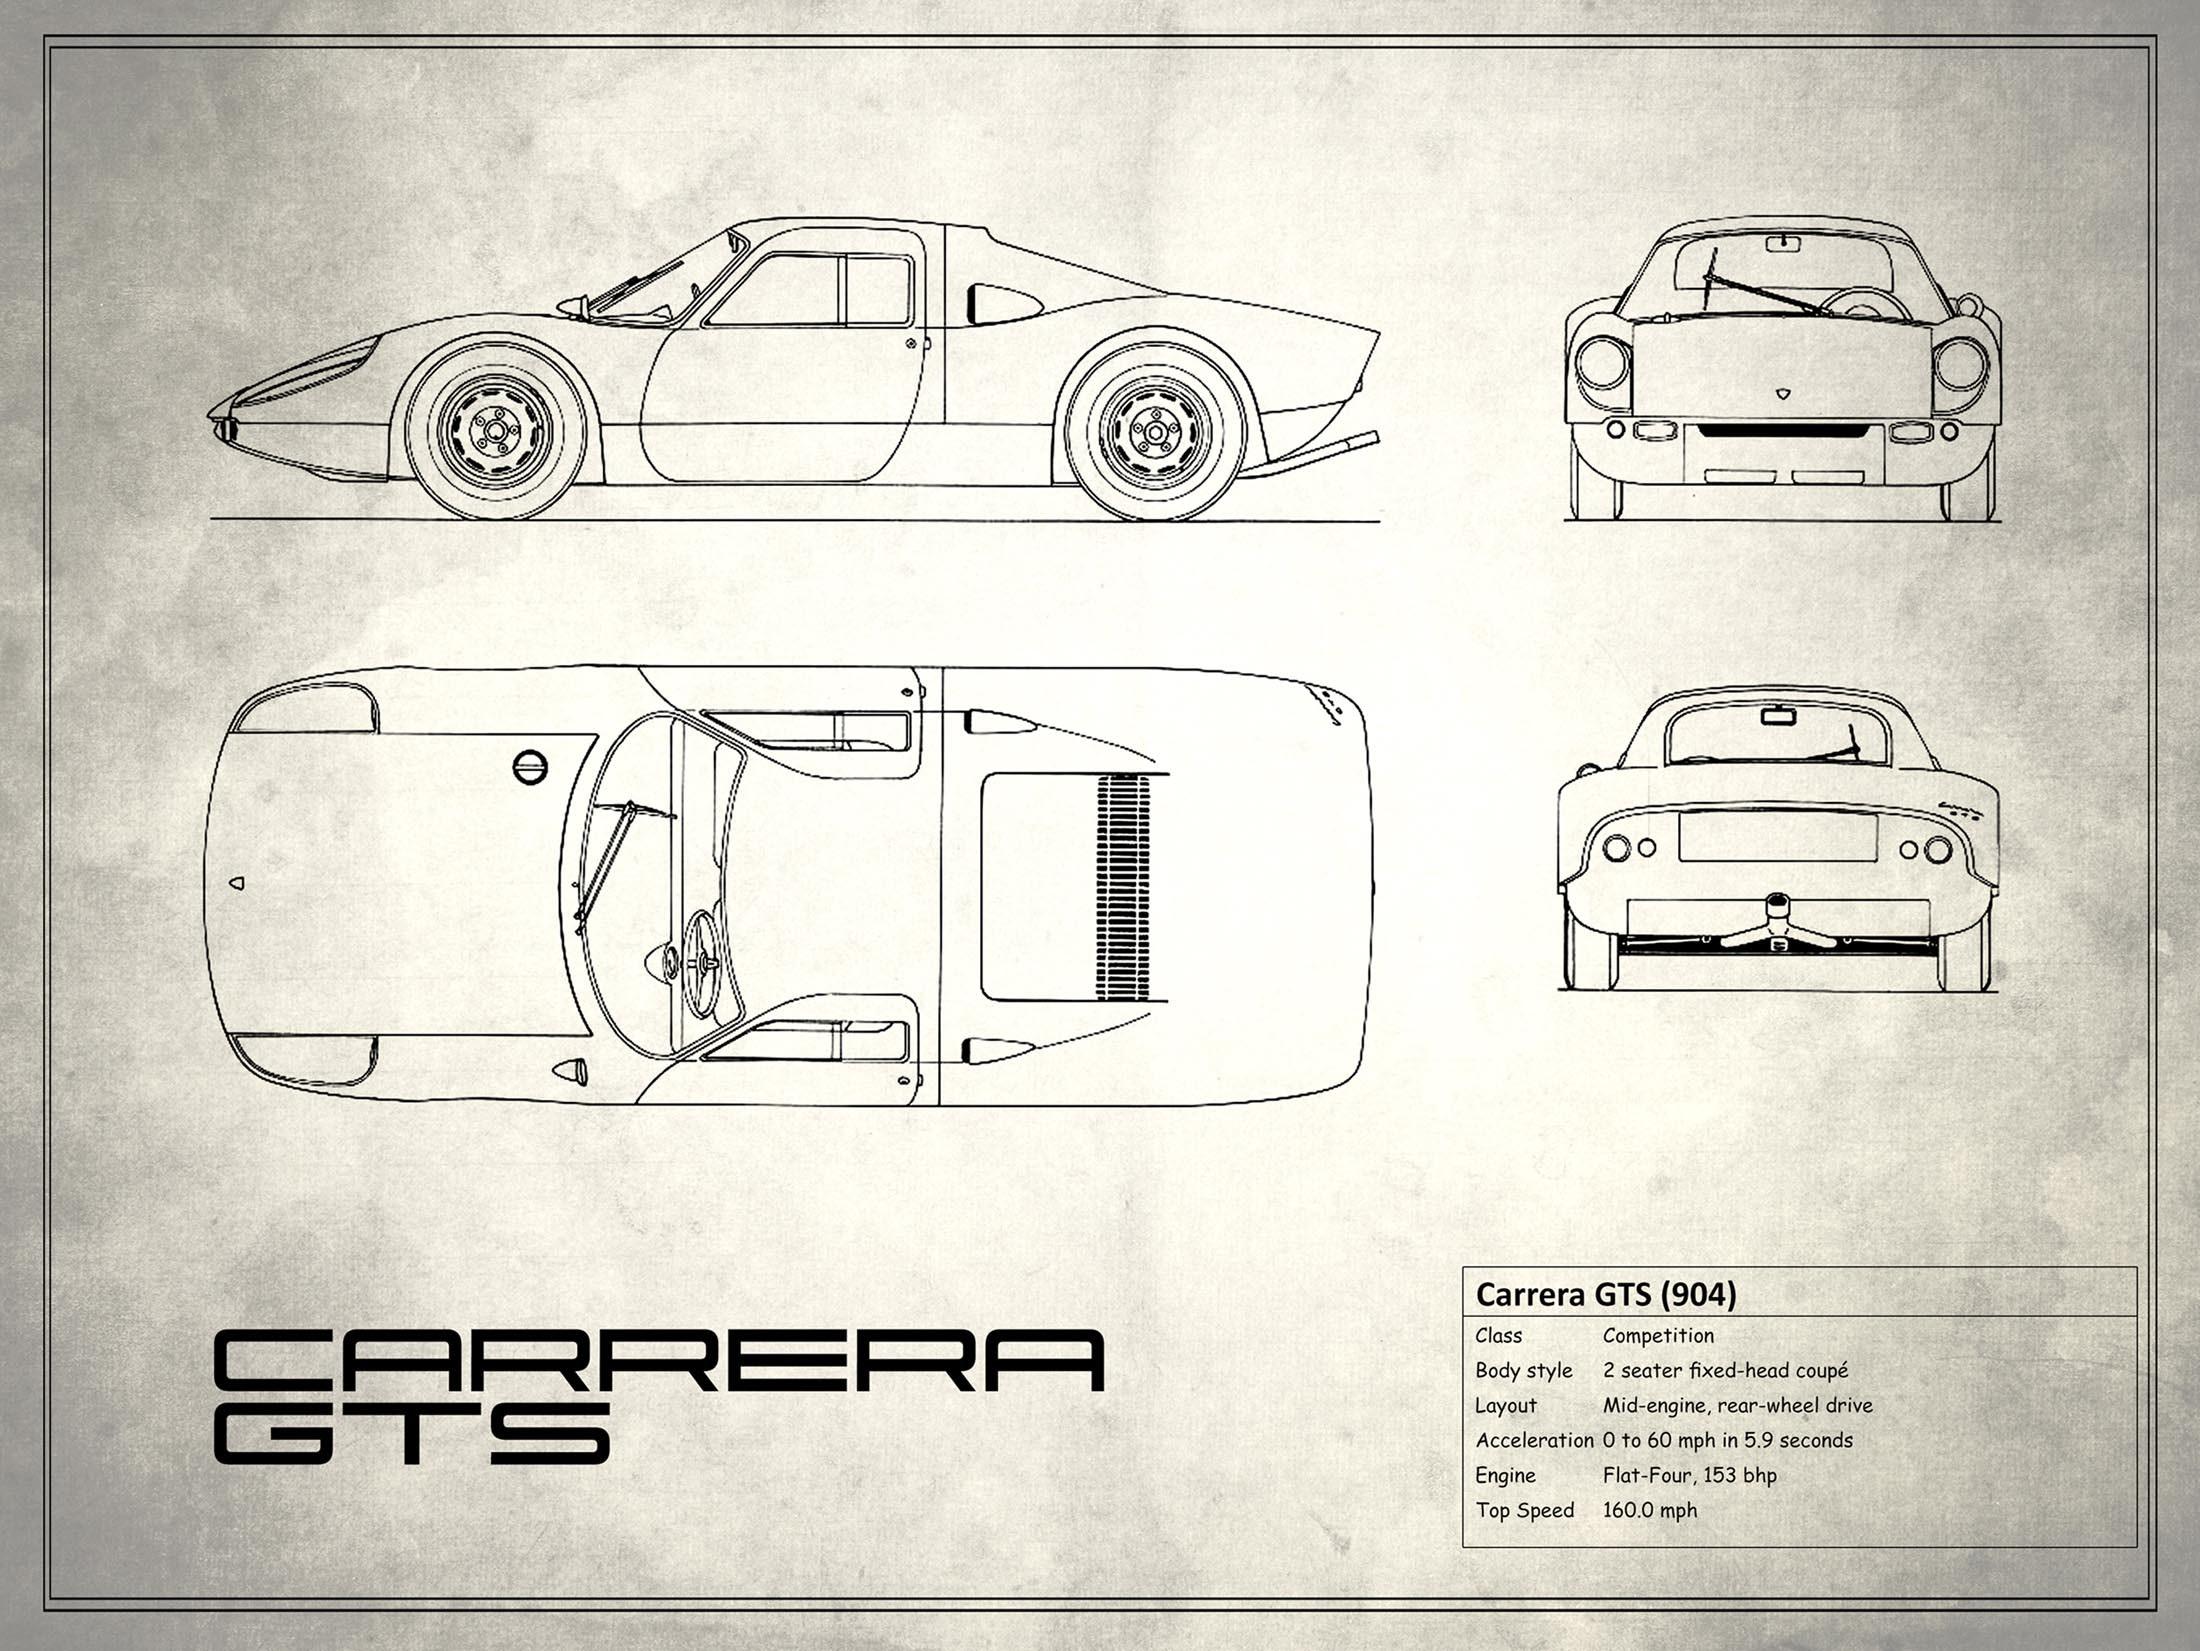 Porsche Carrera GTS - White